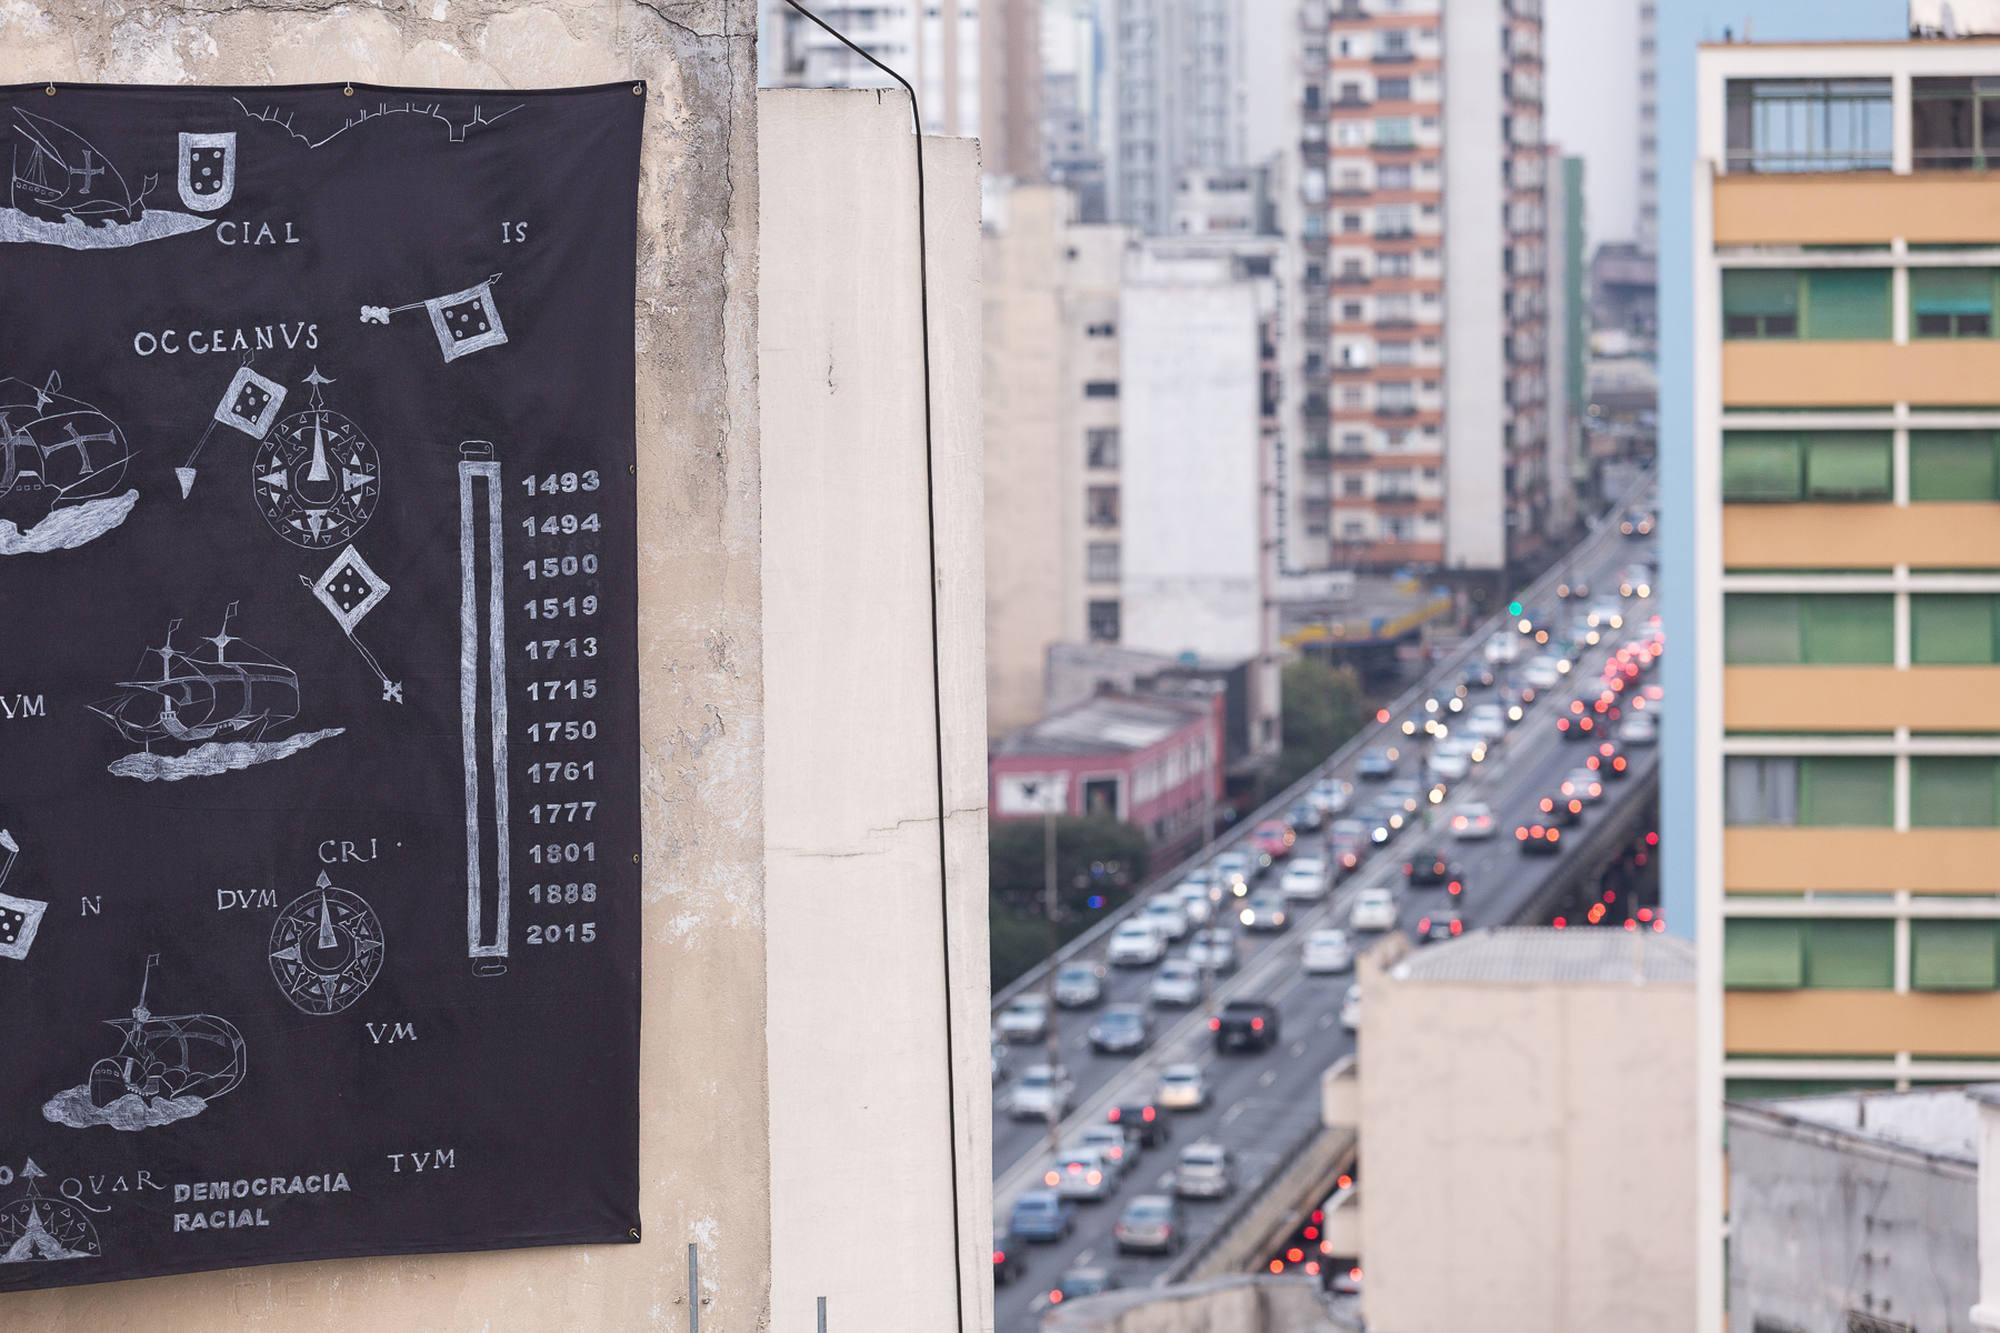 5 Observatório - Voragem da História - Jaime Lauriano, Terra Brasilis